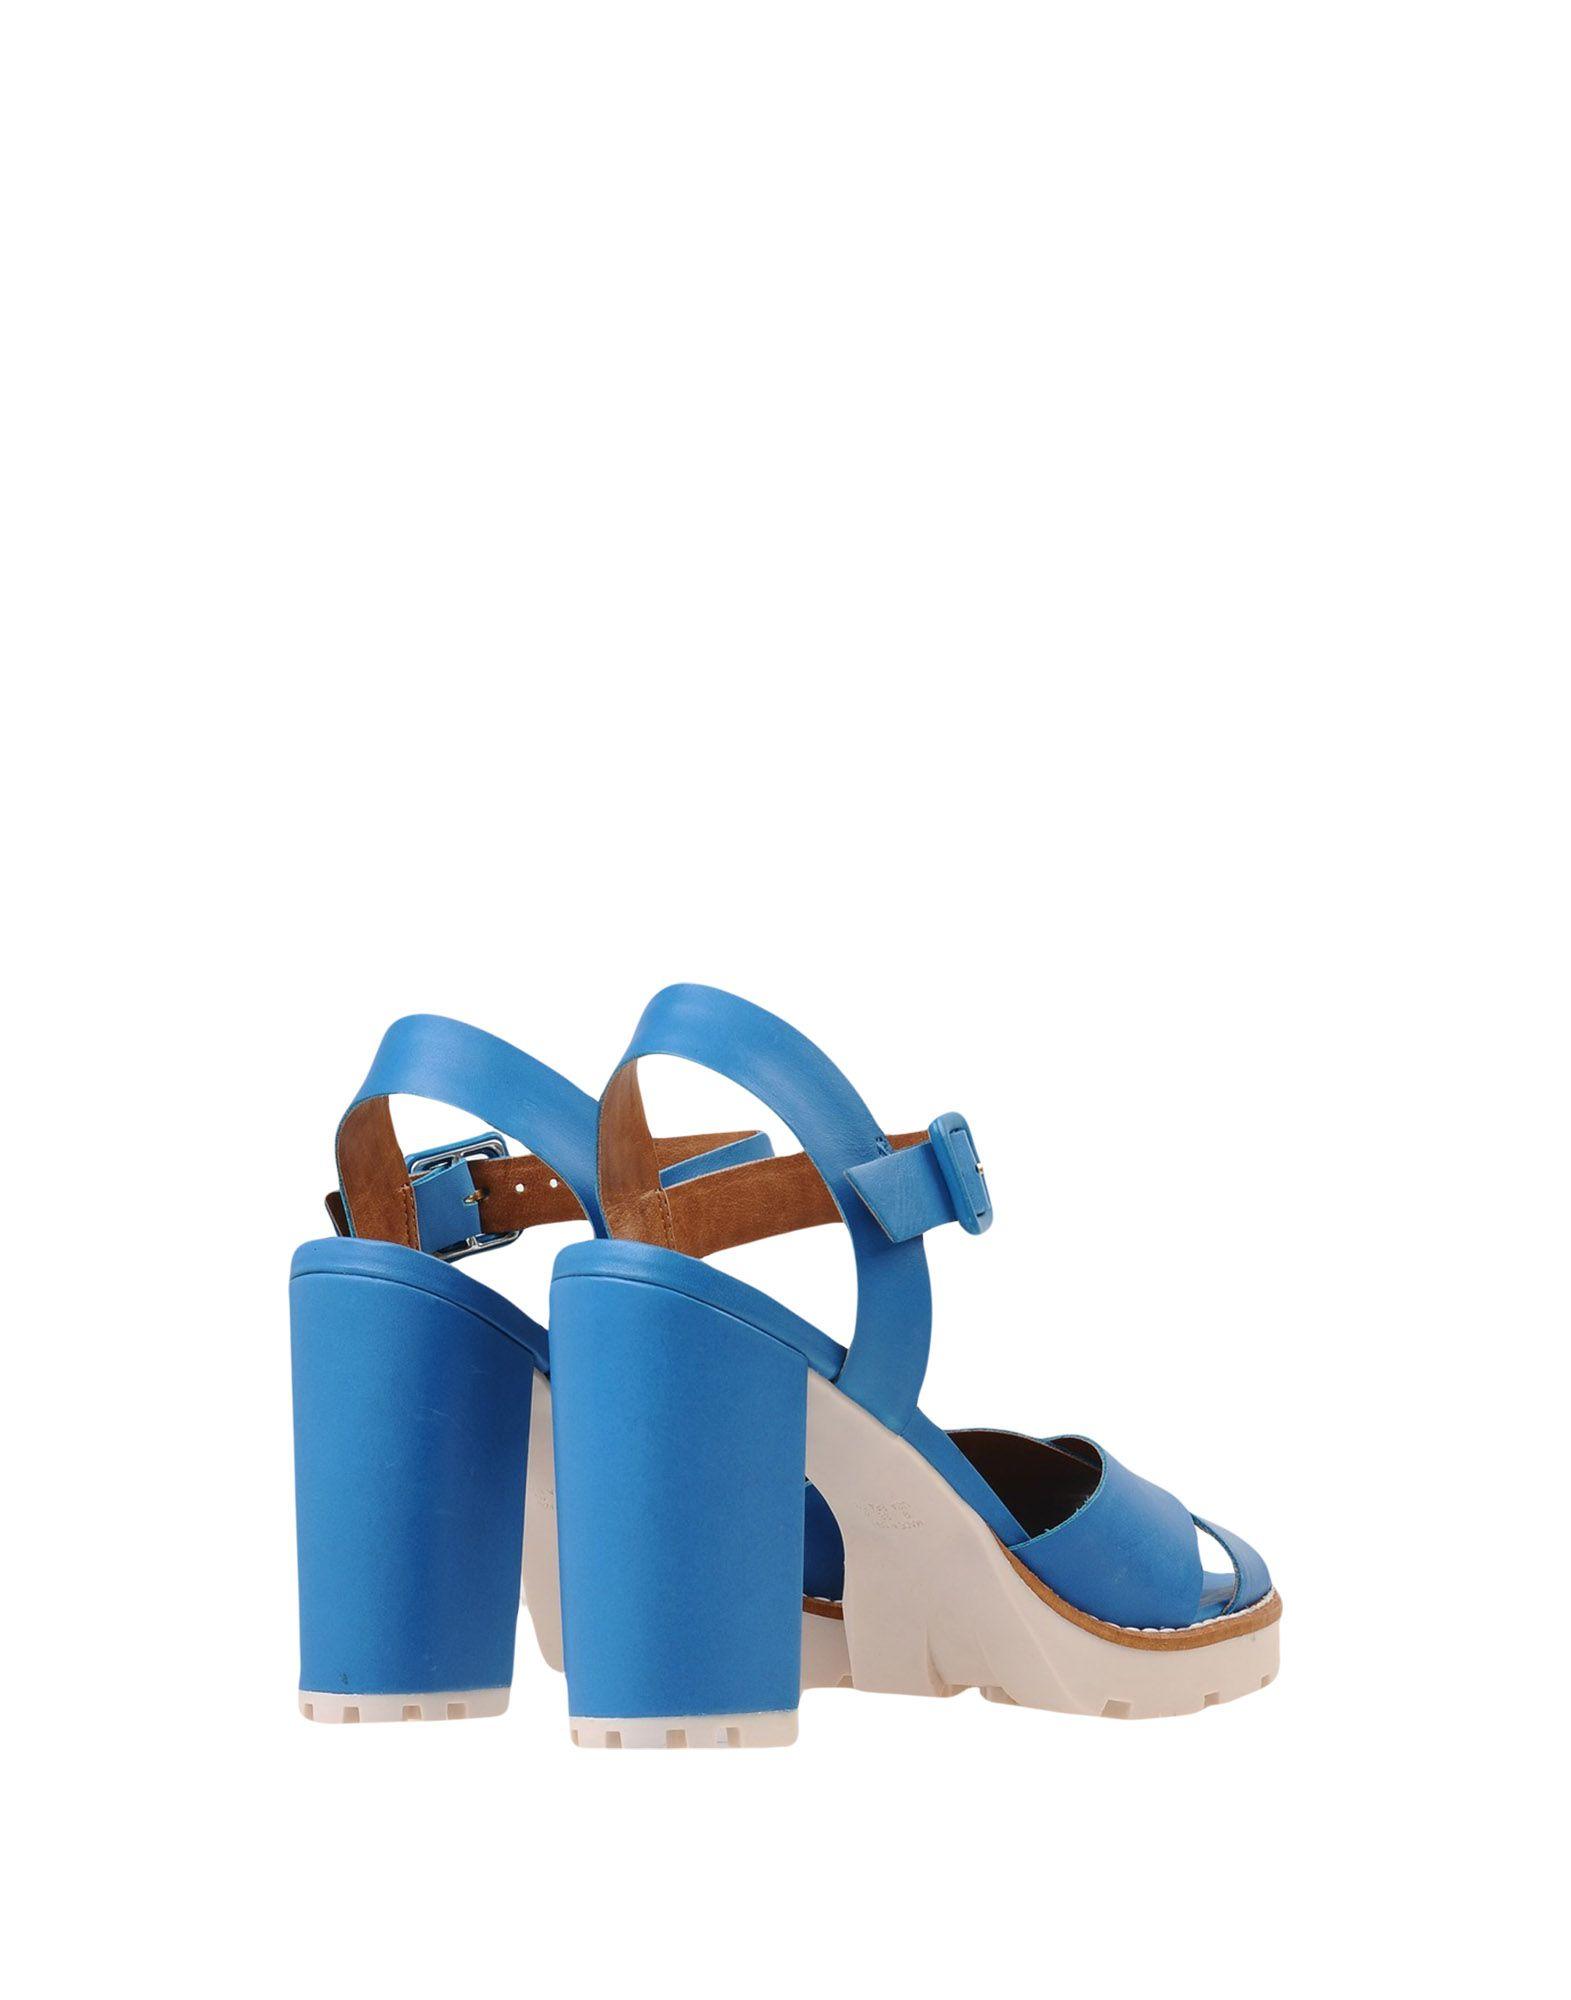 Carrano 11456749BE Sandalen Damen  11456749BE Carrano Gute Qualität beliebte Schuhe 507dc0